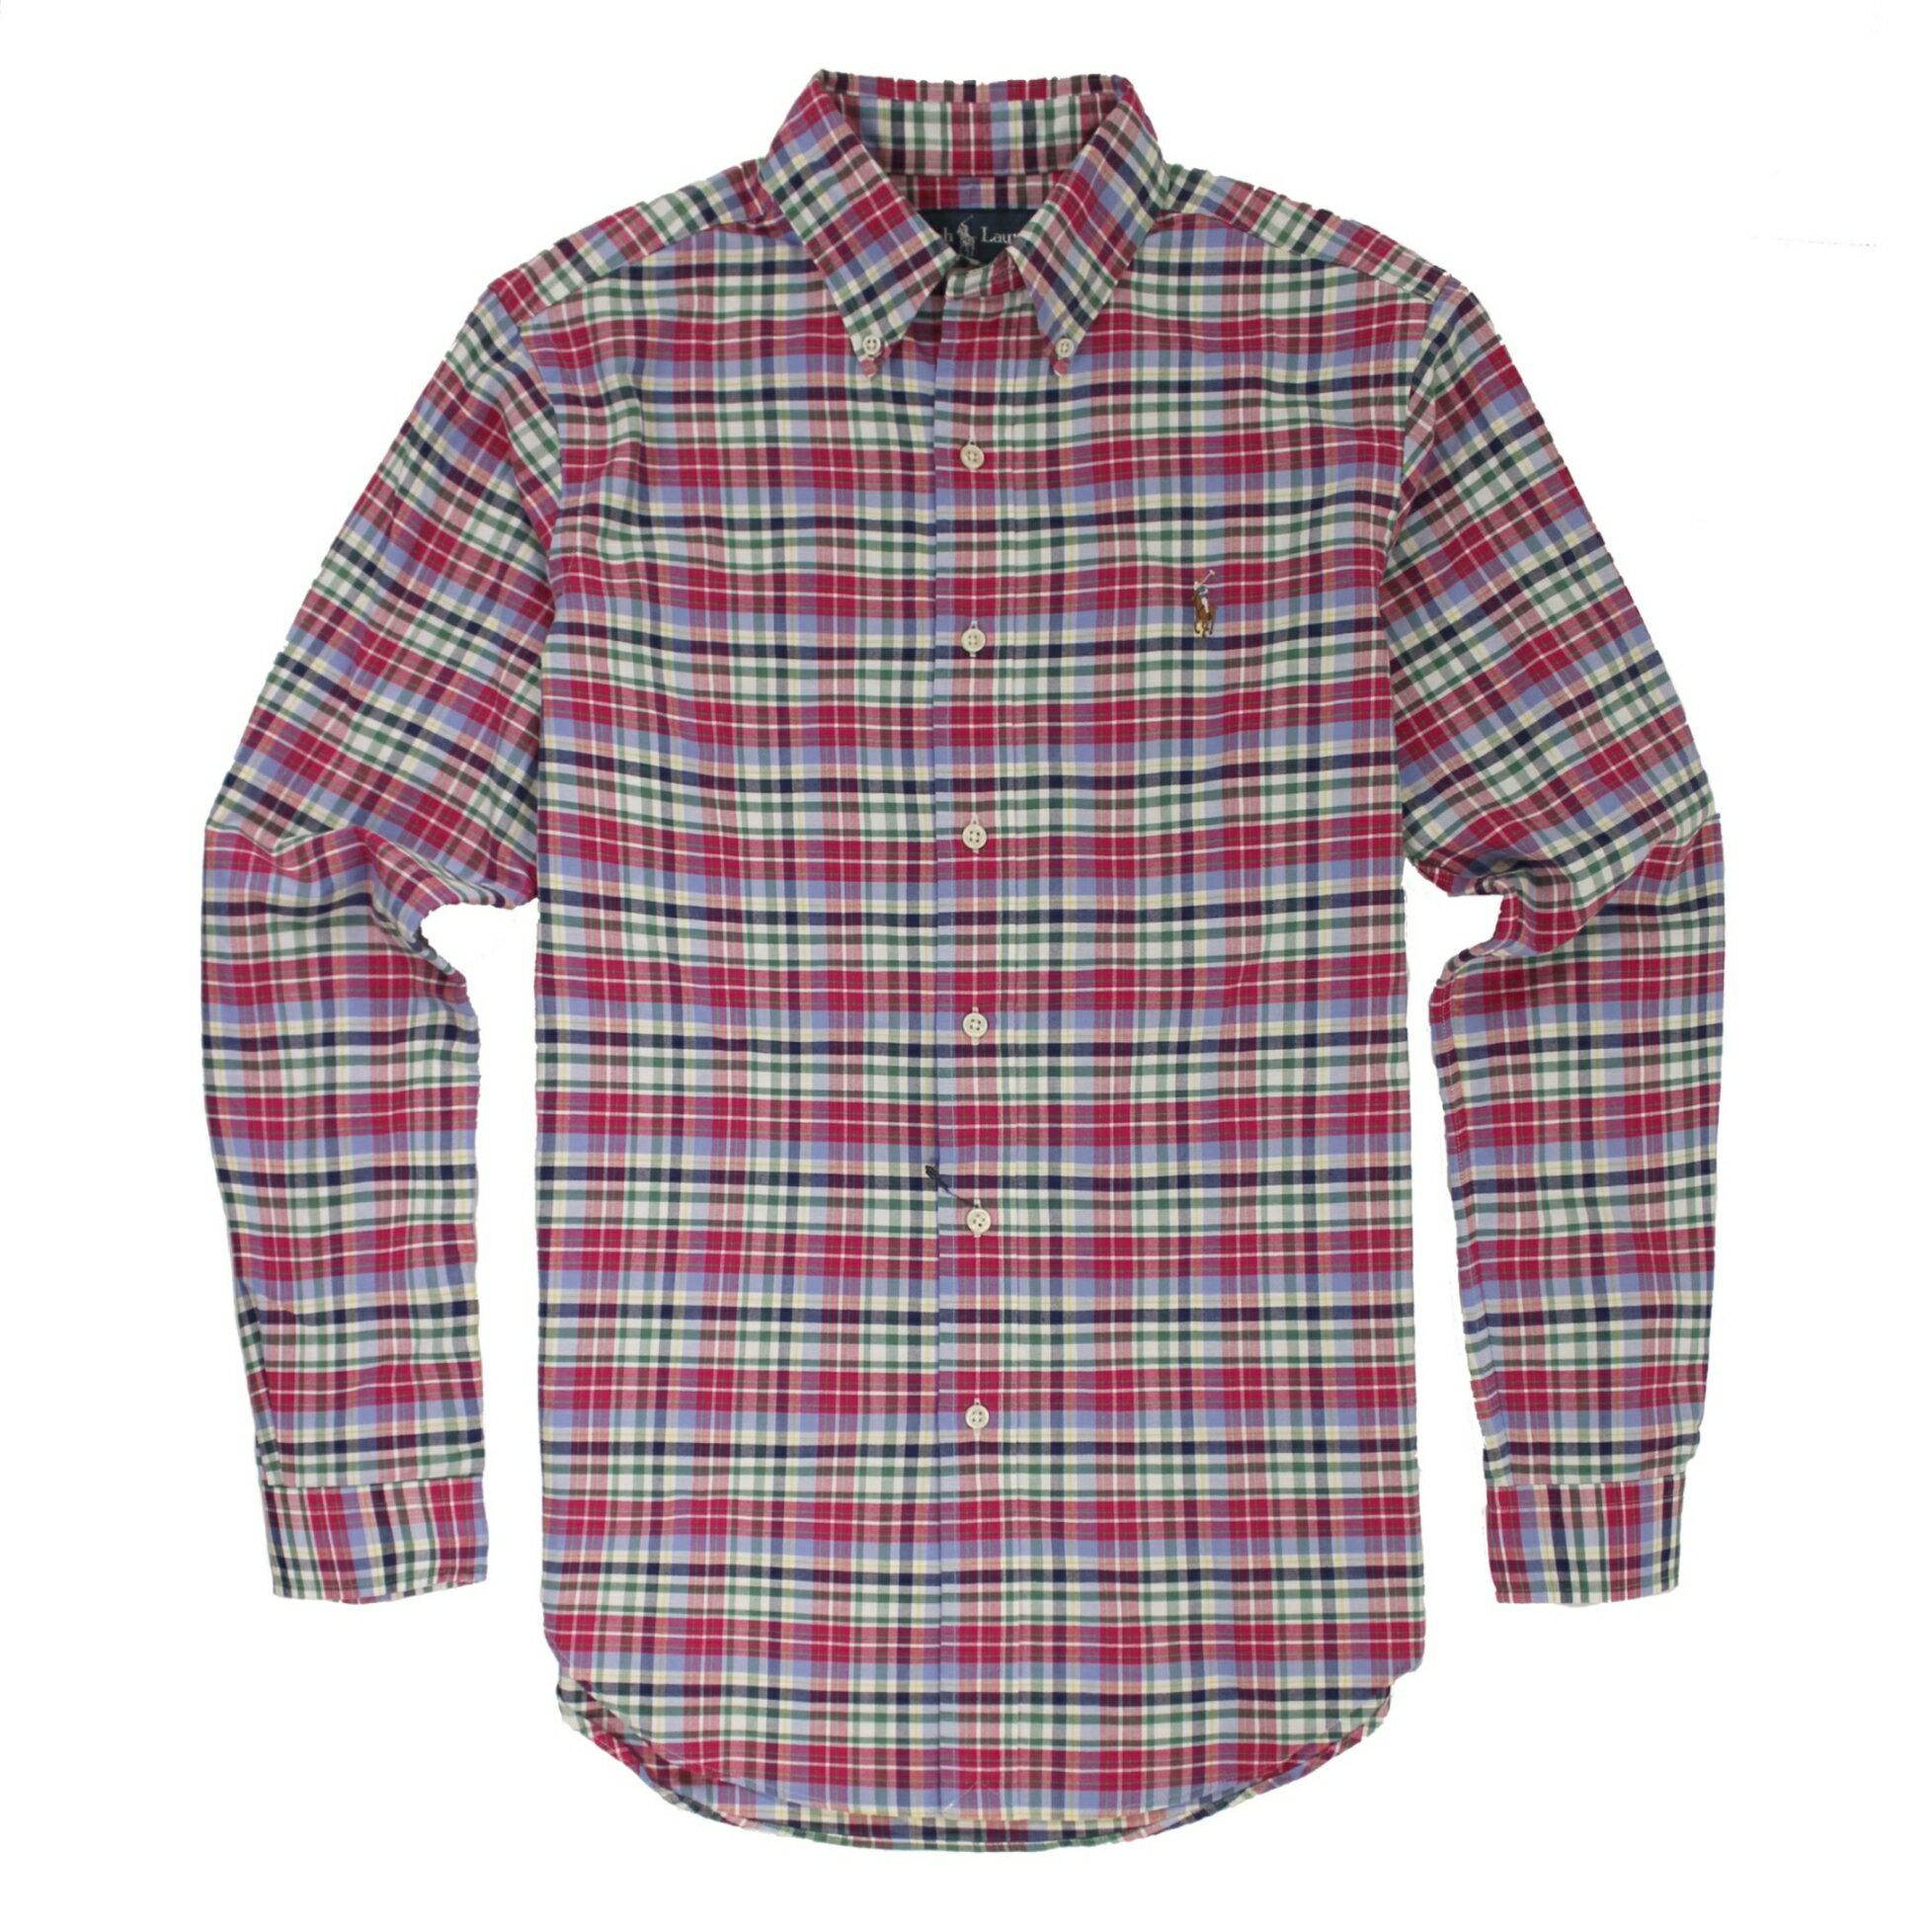 美國百分百【全新真品】Ralph Lauren 襯衫 RL 長袖 上衣 Polo 格紋 彩馬 S XXL號